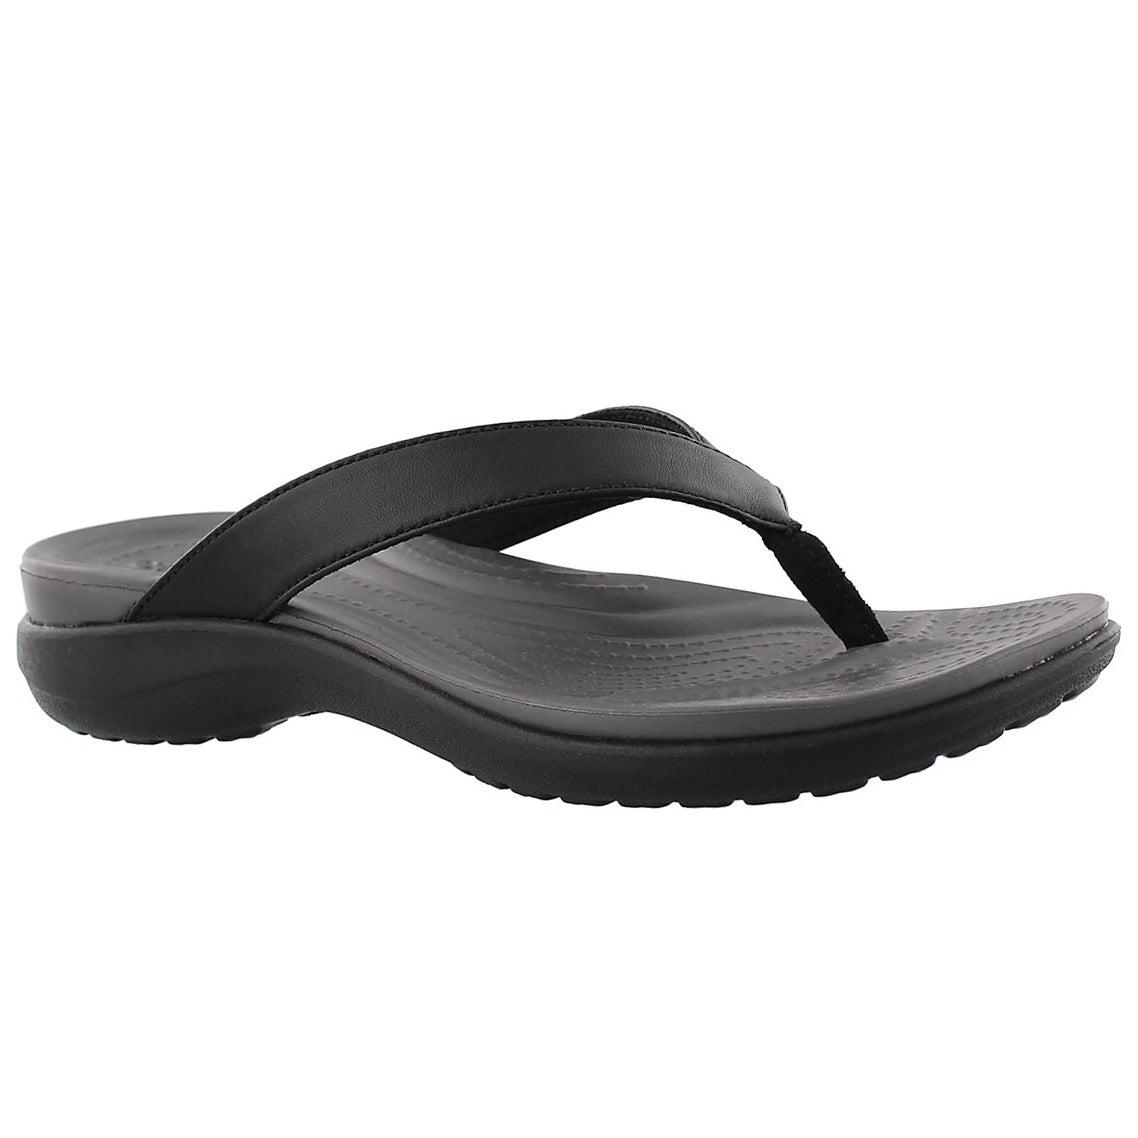 Lds Capri V Flip black thong sandal